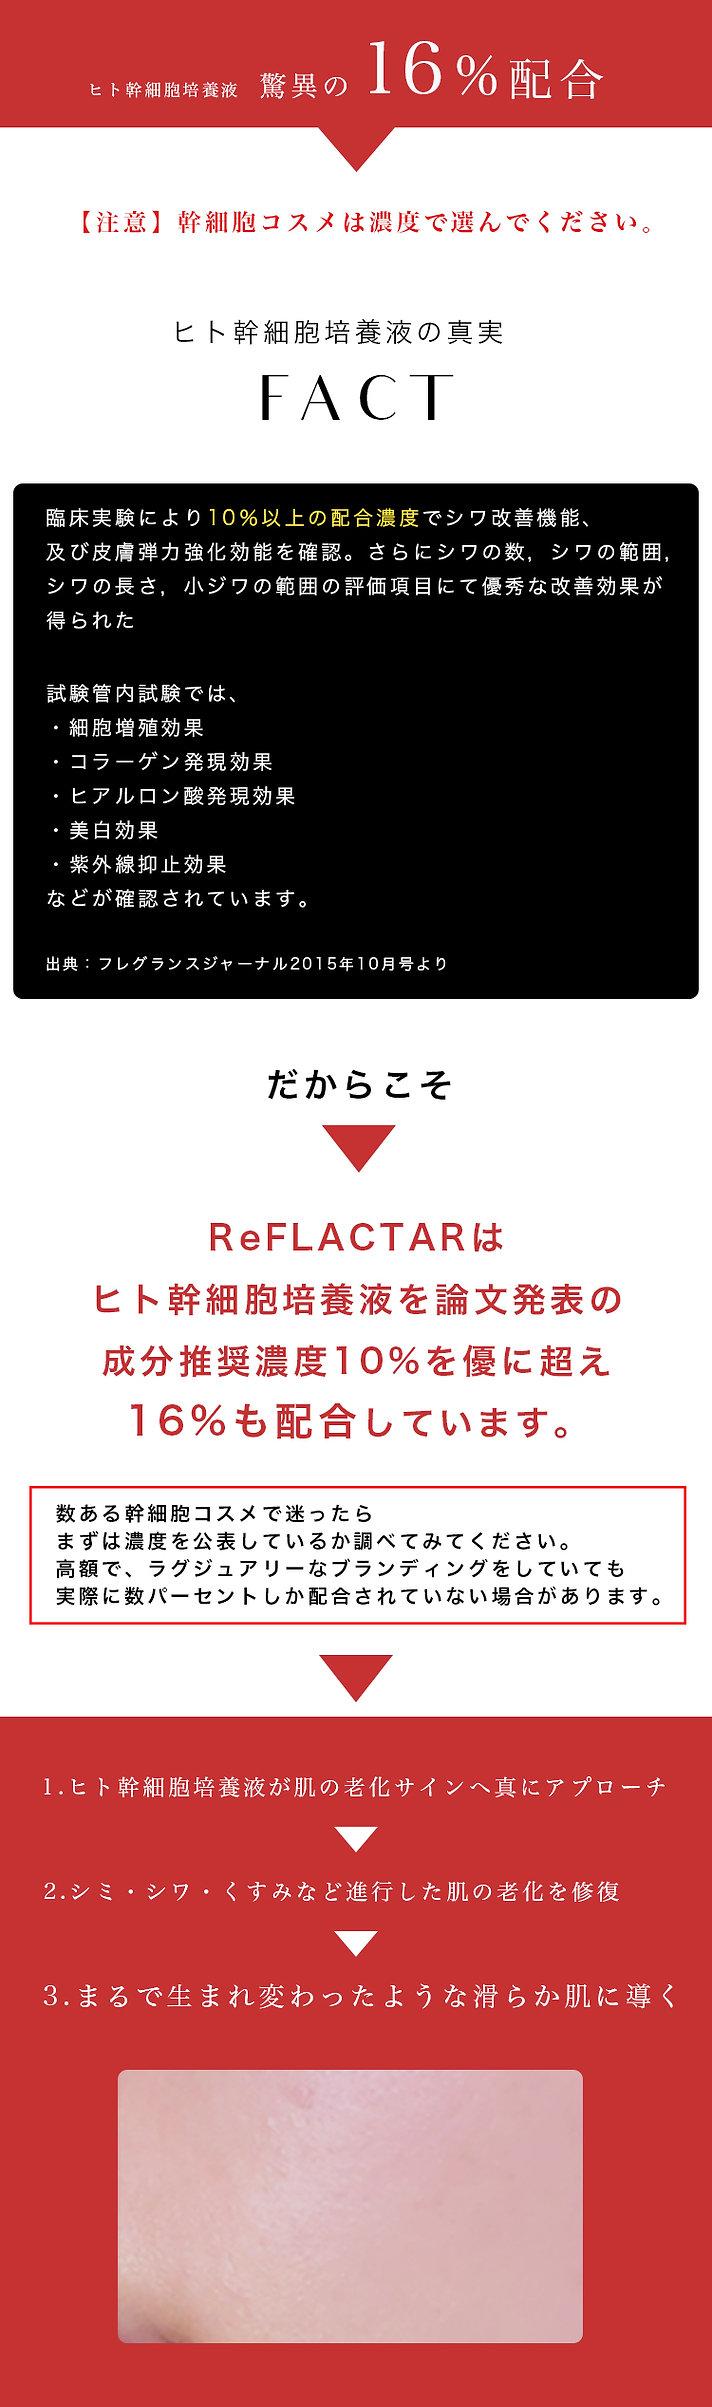 ReFLACTARLP_03.jpg